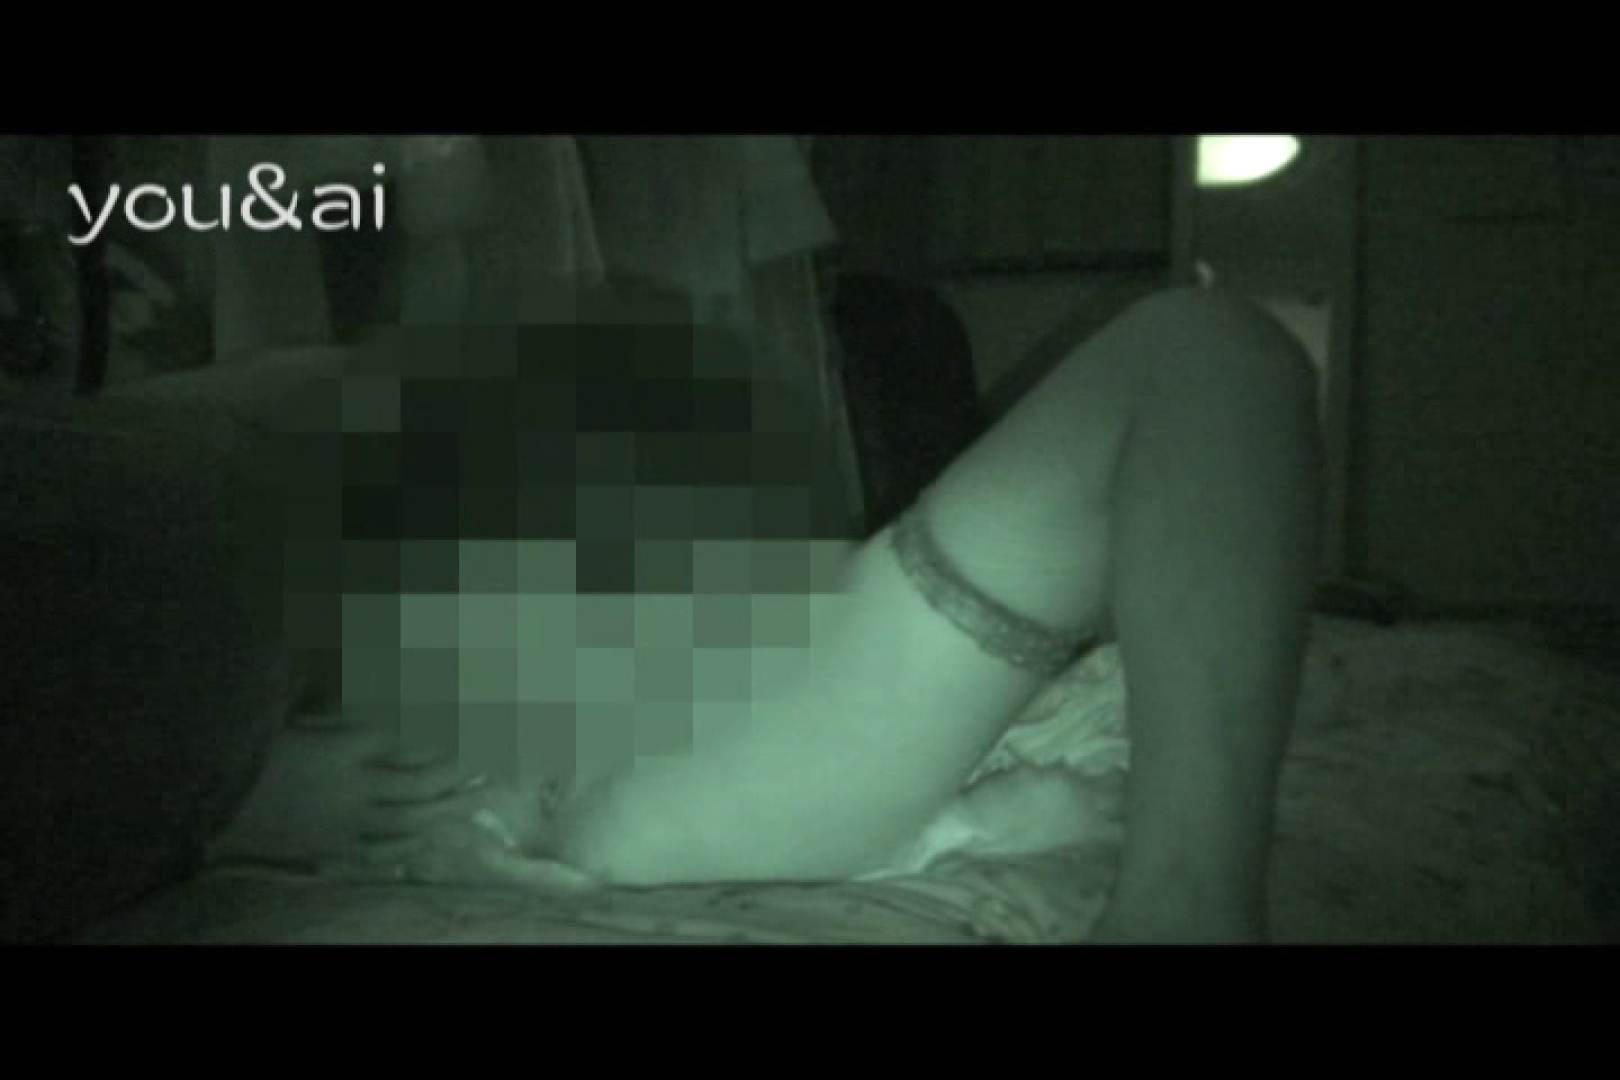 おしどり夫婦のyou&aiさん投稿作品vol.5 ホテル オメコ無修正動画無料 102画像 59